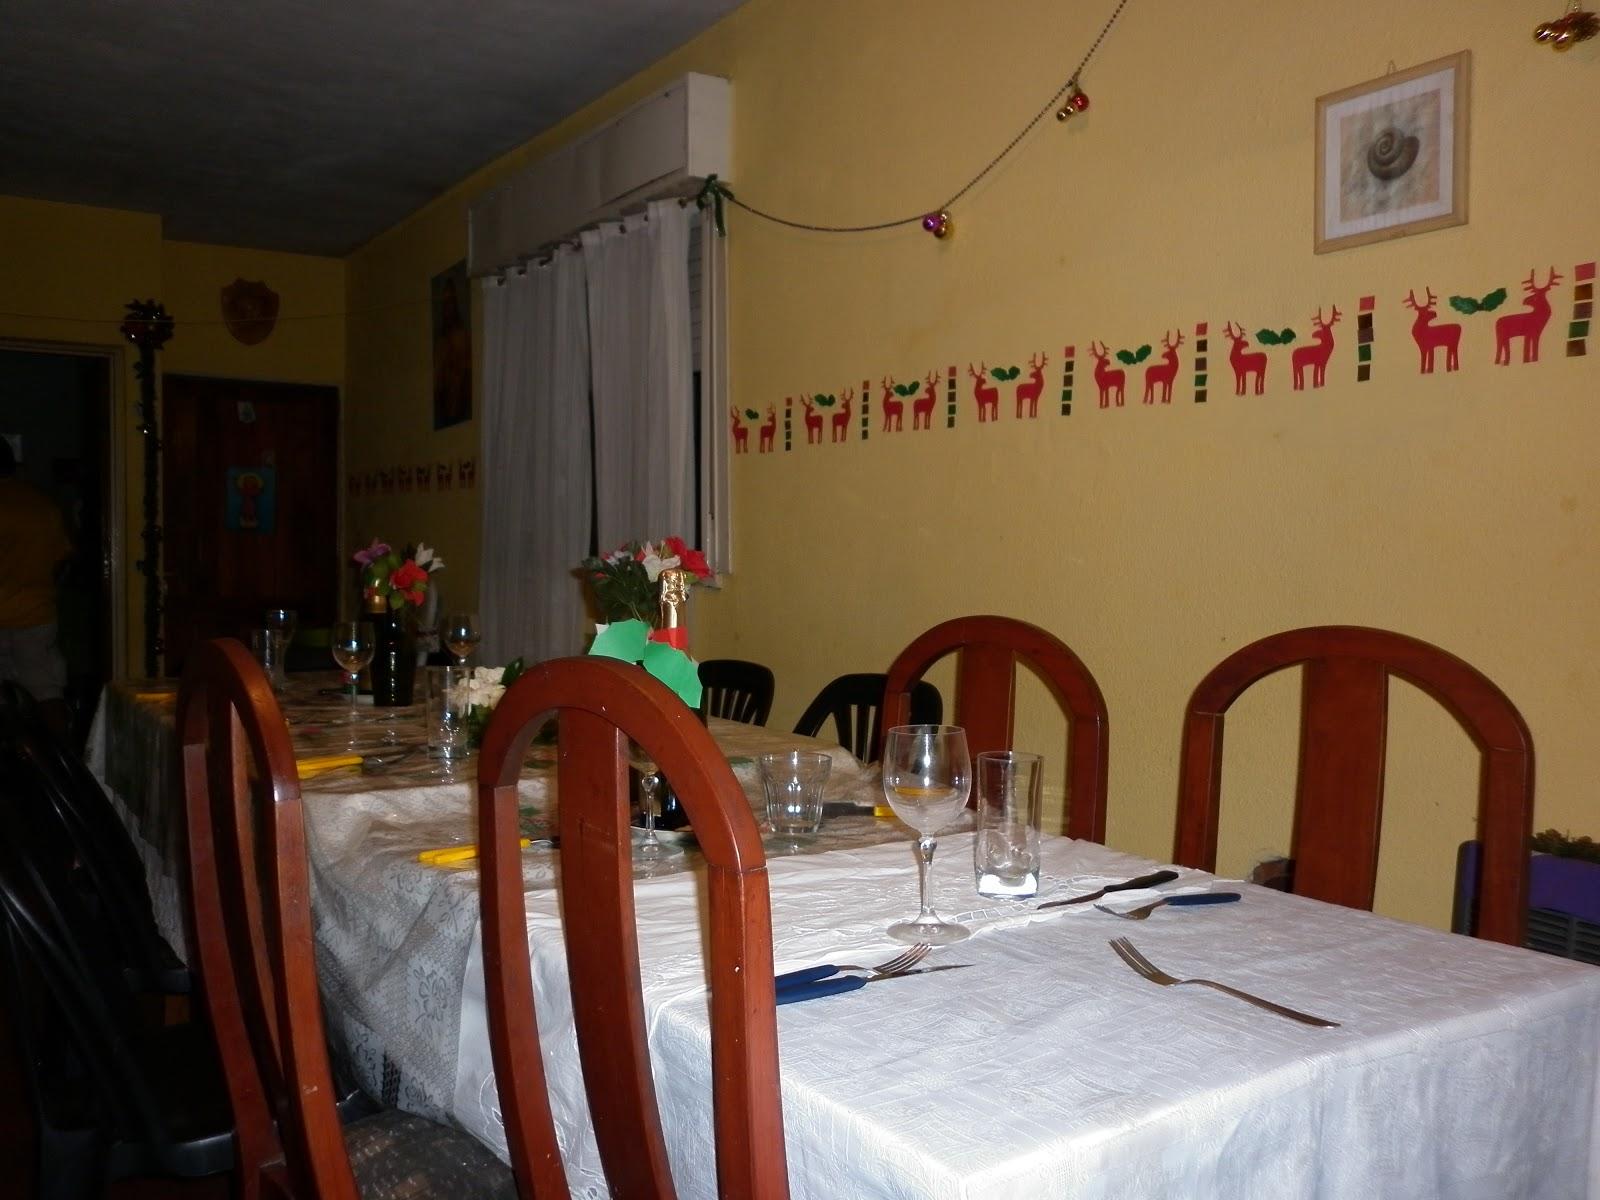 Mis moldes y mas para decorar la casa en navidad con su for Decorar casa minimalista navidad